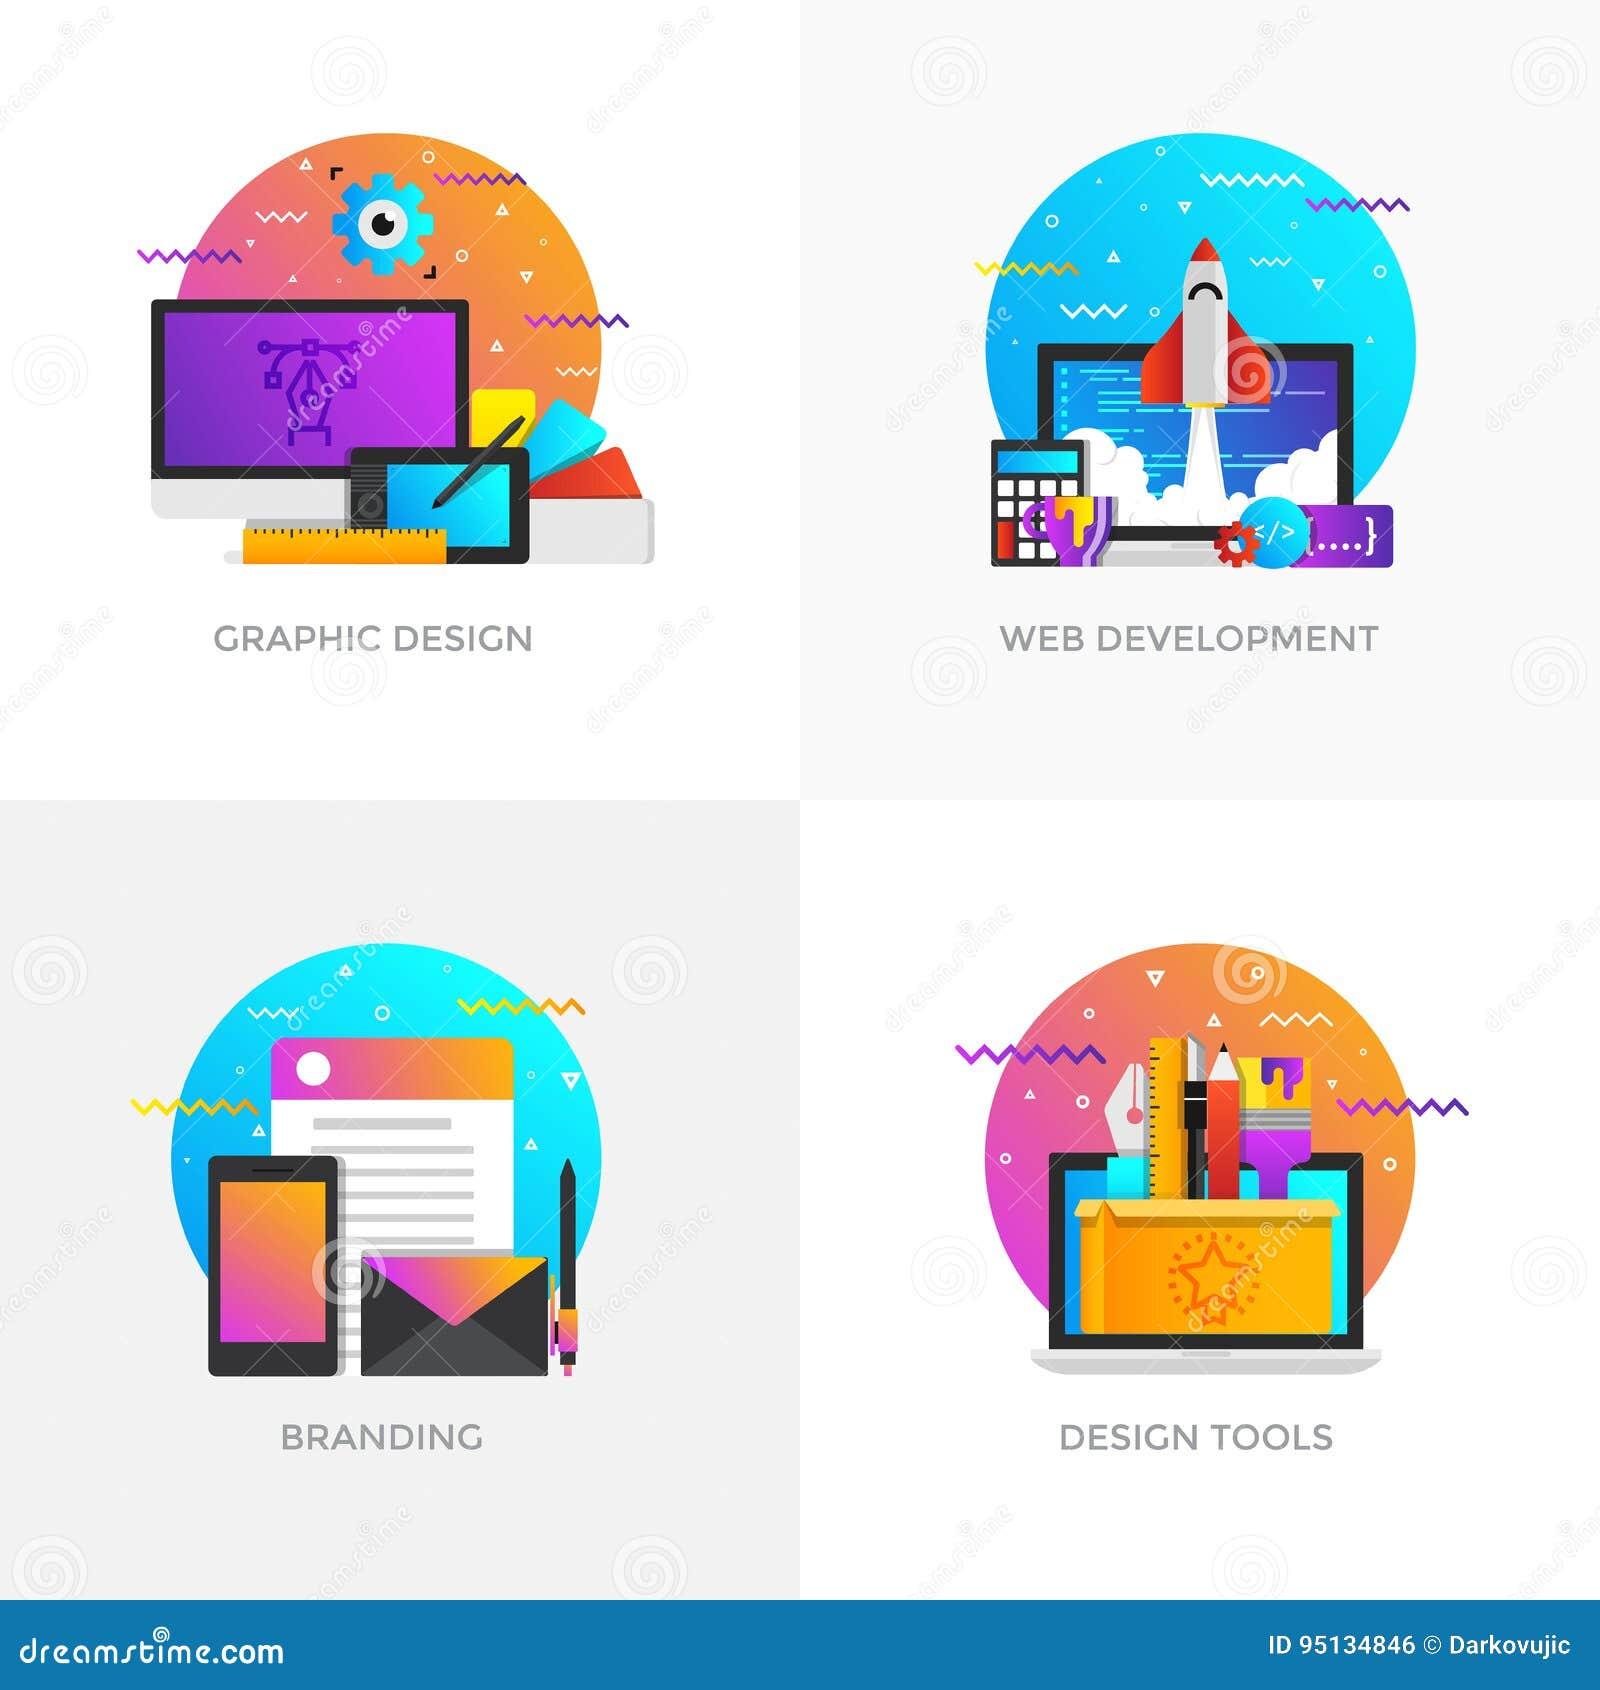 Conceptos diseño planos - diseño gráfico, desarrollo web, Brandi